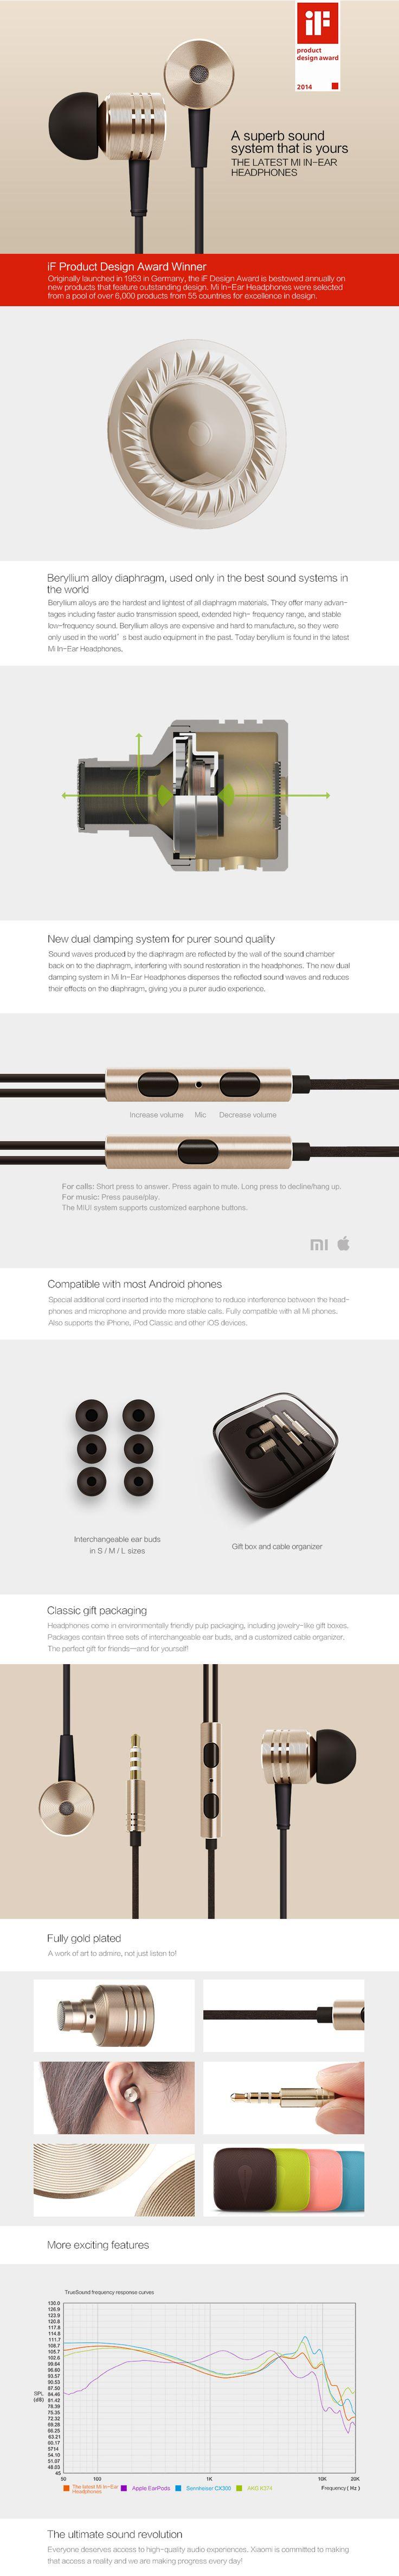 xiaomi ear phone in ear headphone http://www.geckoandfly.com/17008/mi-ear-headphones-review/ #xiaomi #headphones #earphone